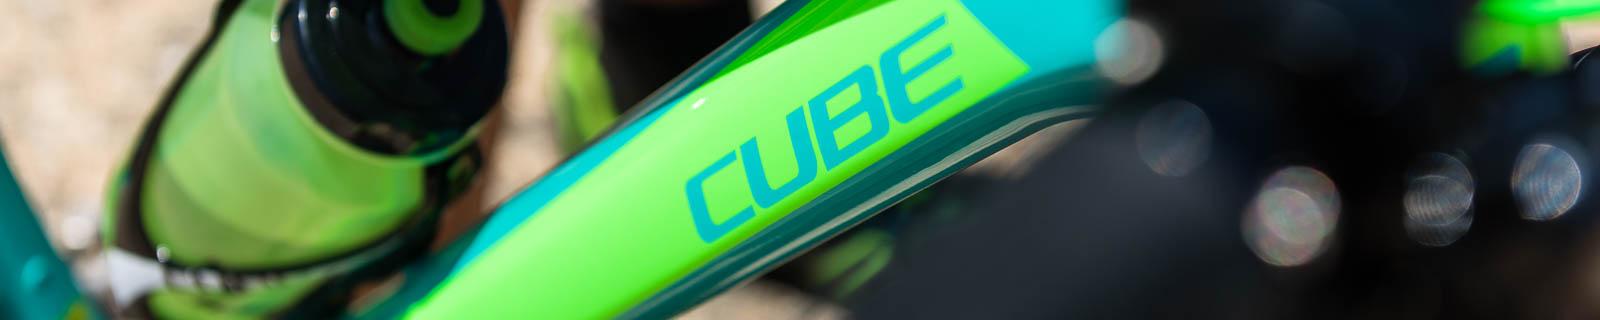 Cube biciclette